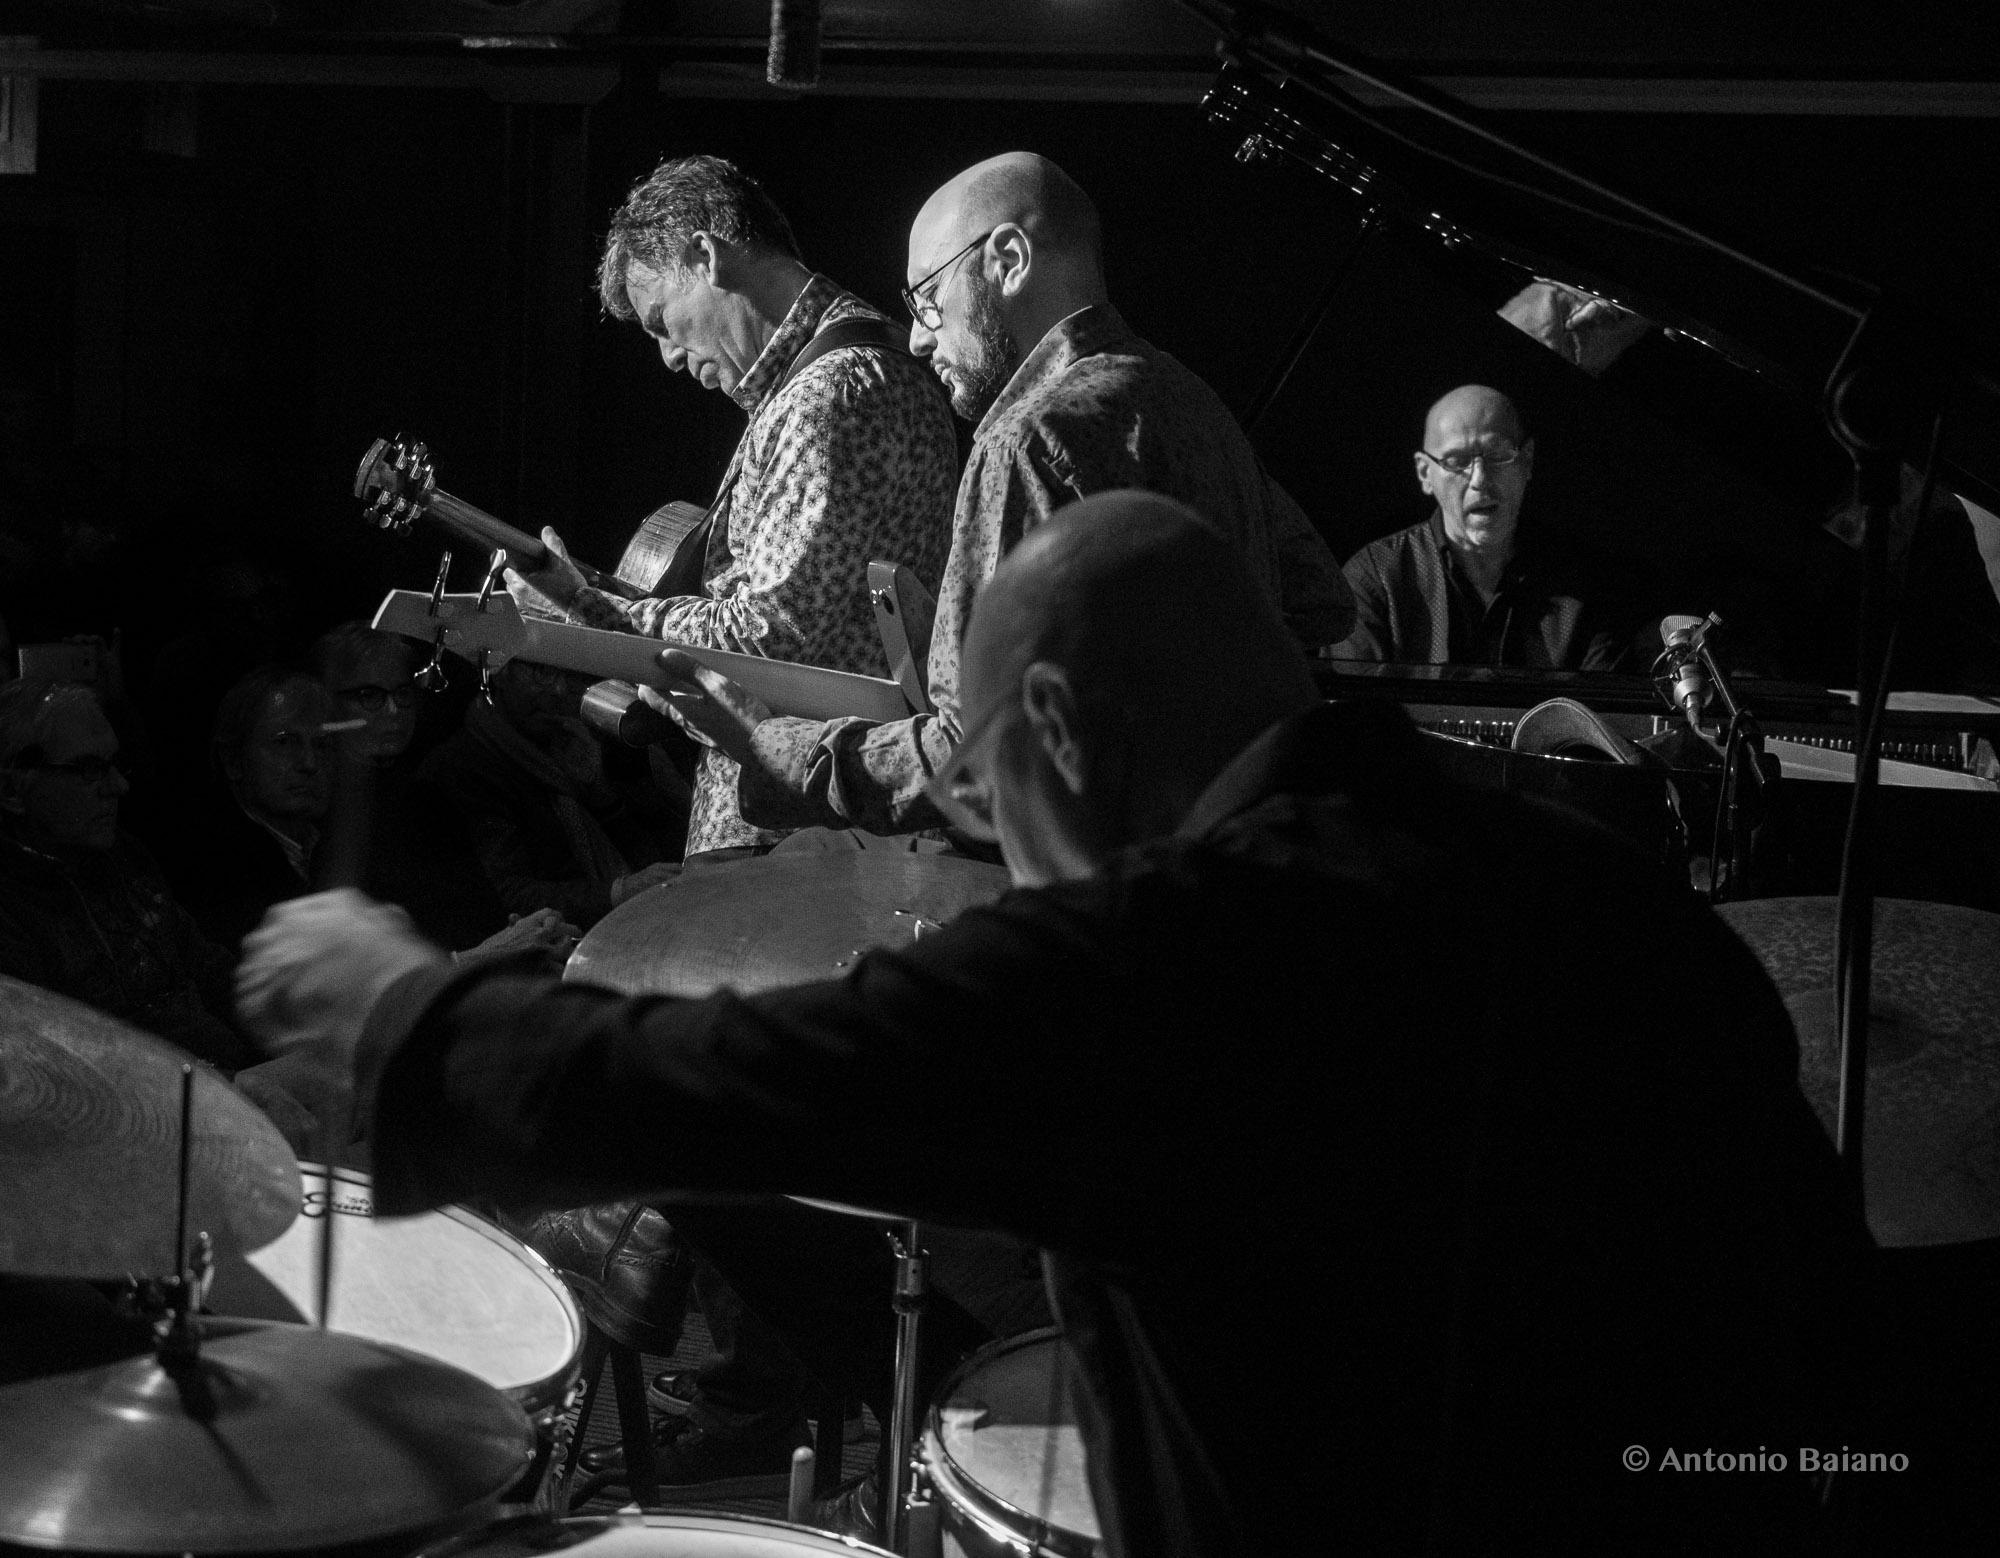 Radio London - Dado Moroni, Peter Bernstein, Dario Deidda, Enzo Zirilli